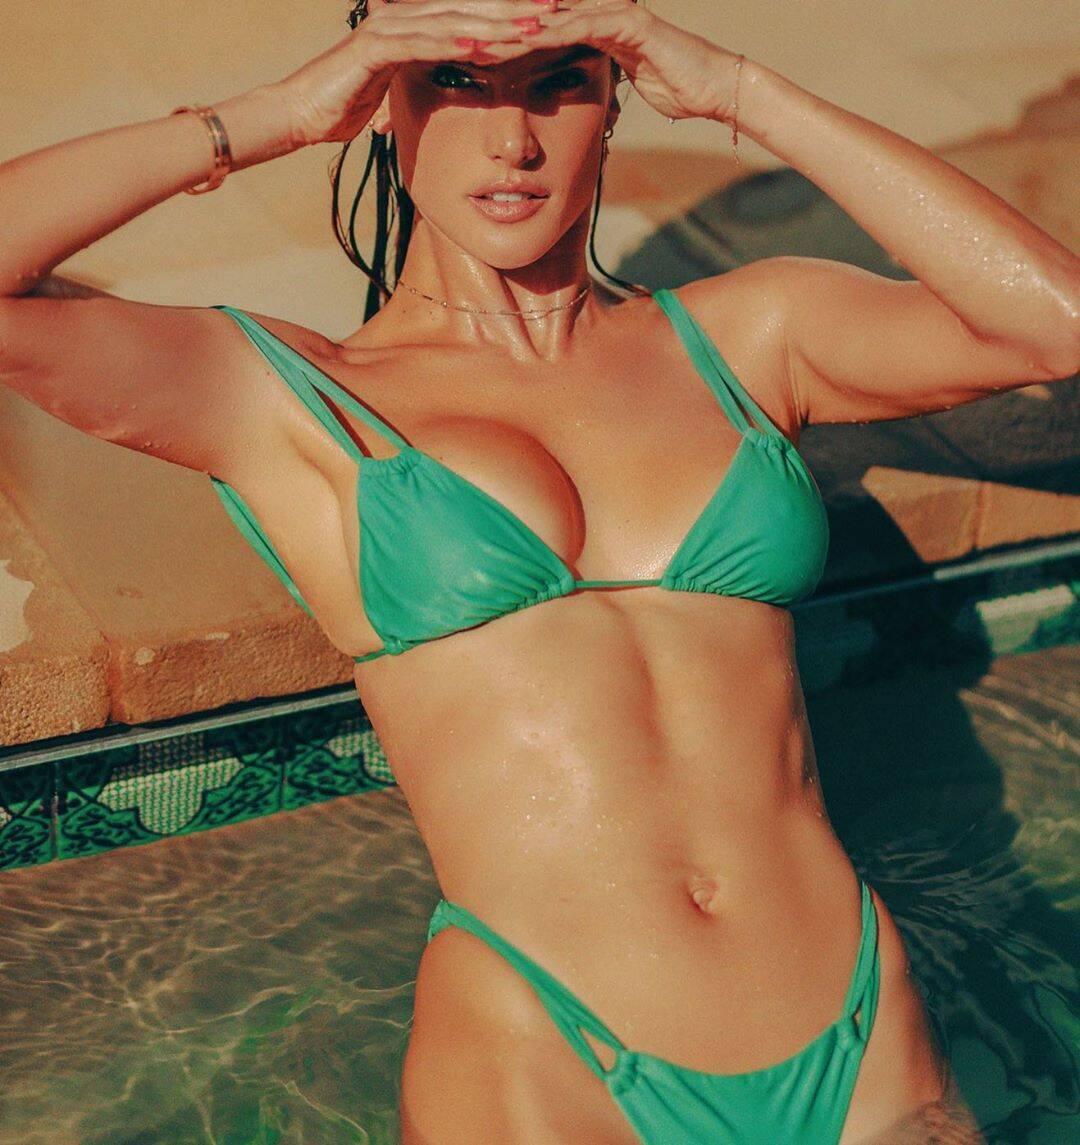 Ангел Victoria's Secret показала стройную фигуру в купальнике